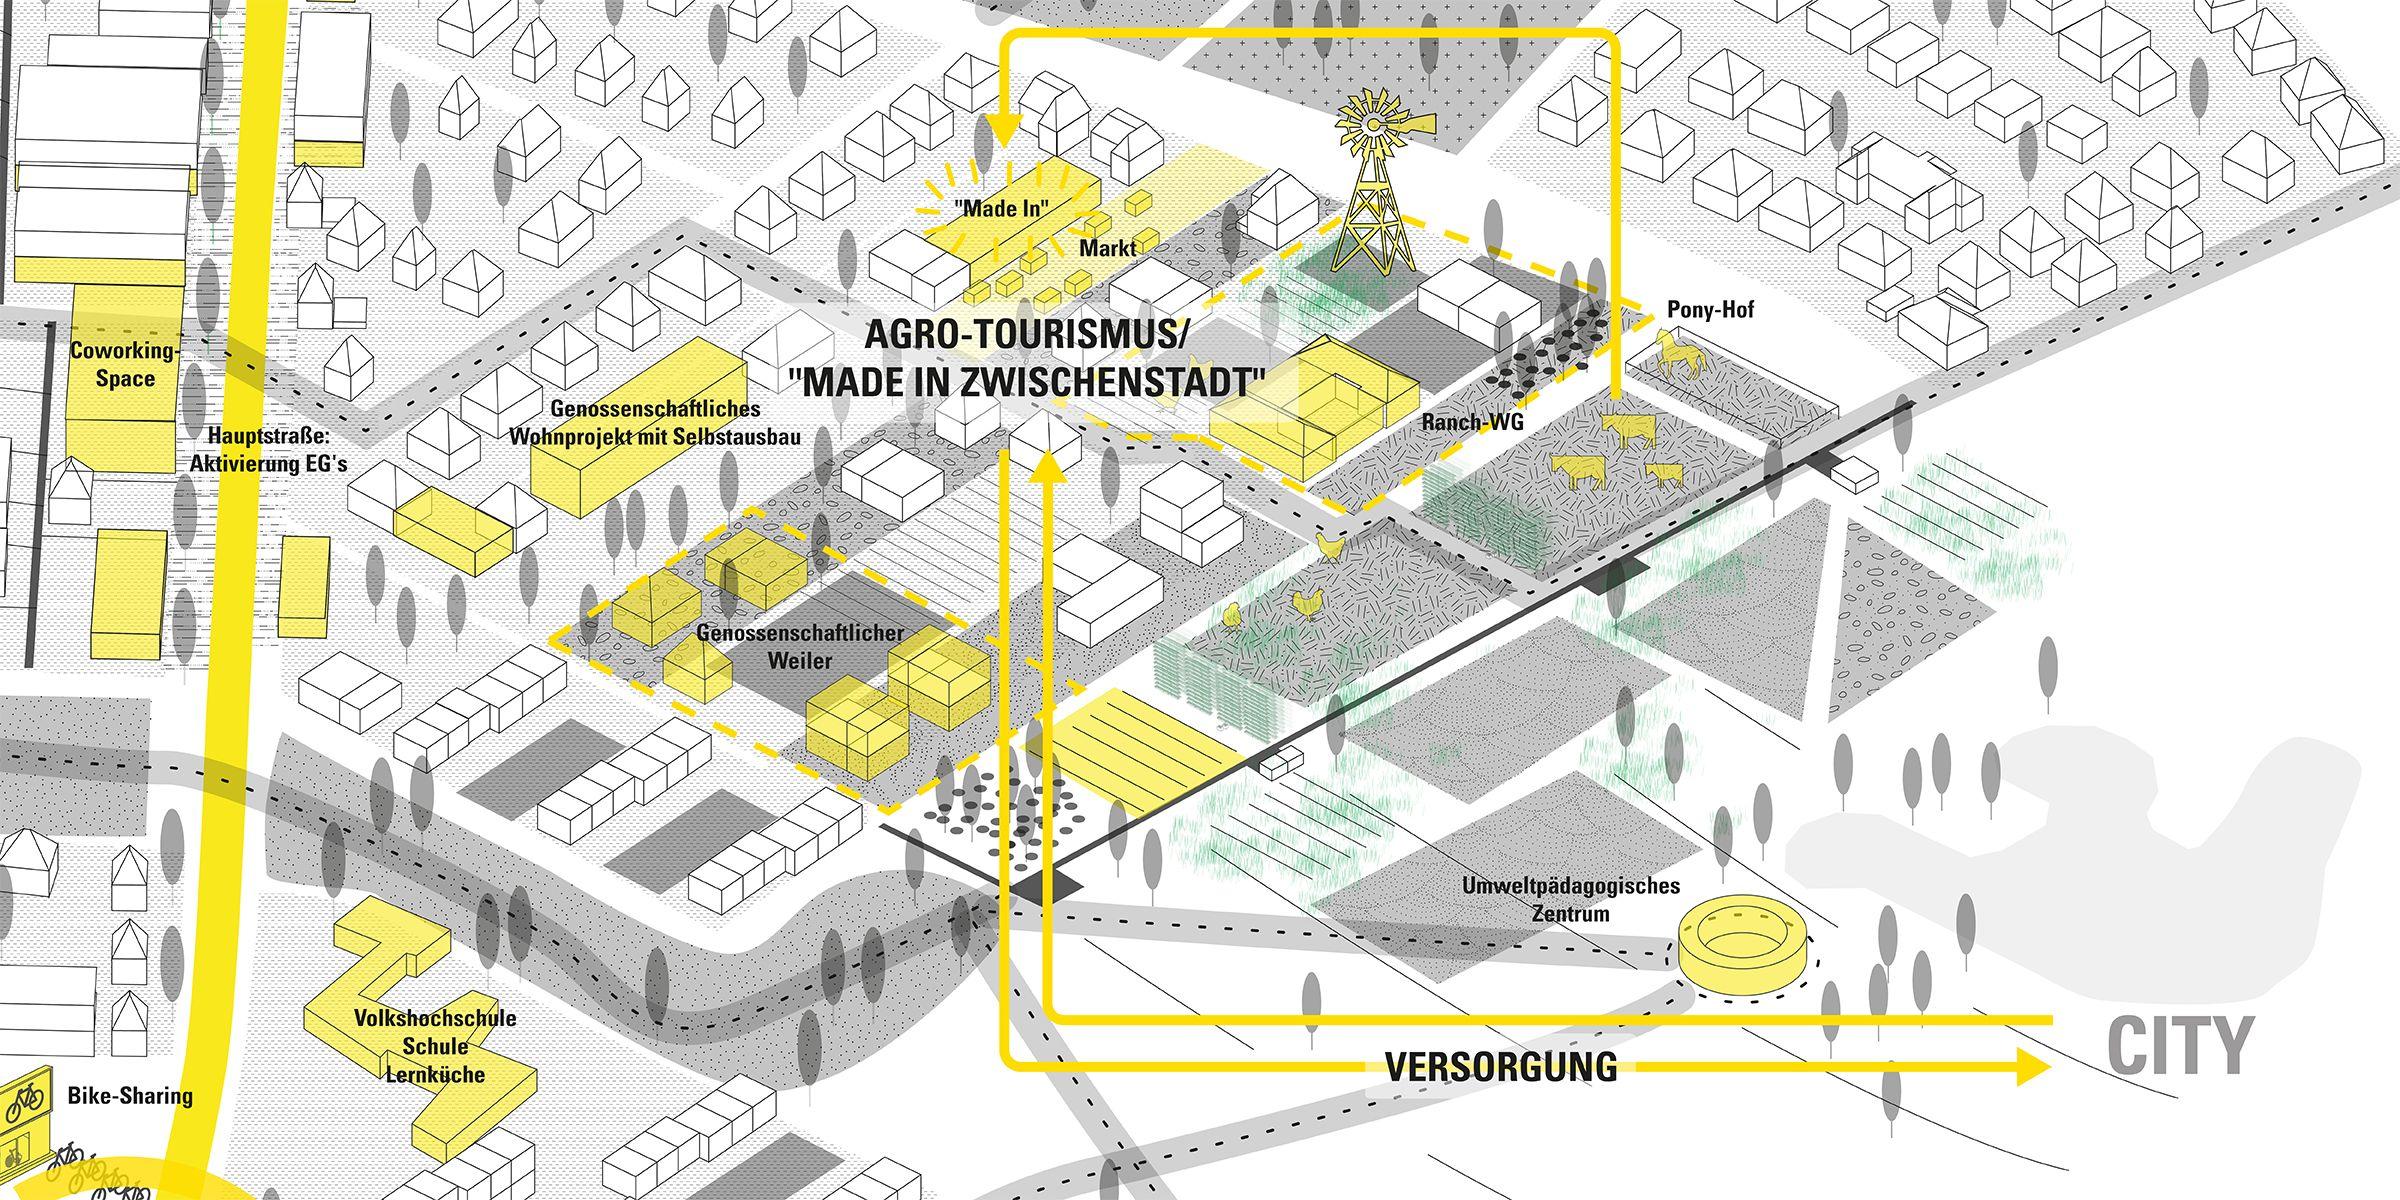 Zukunftslabor Gartenstadt 21 Zwischenstadt MetroGartenstadt Karte